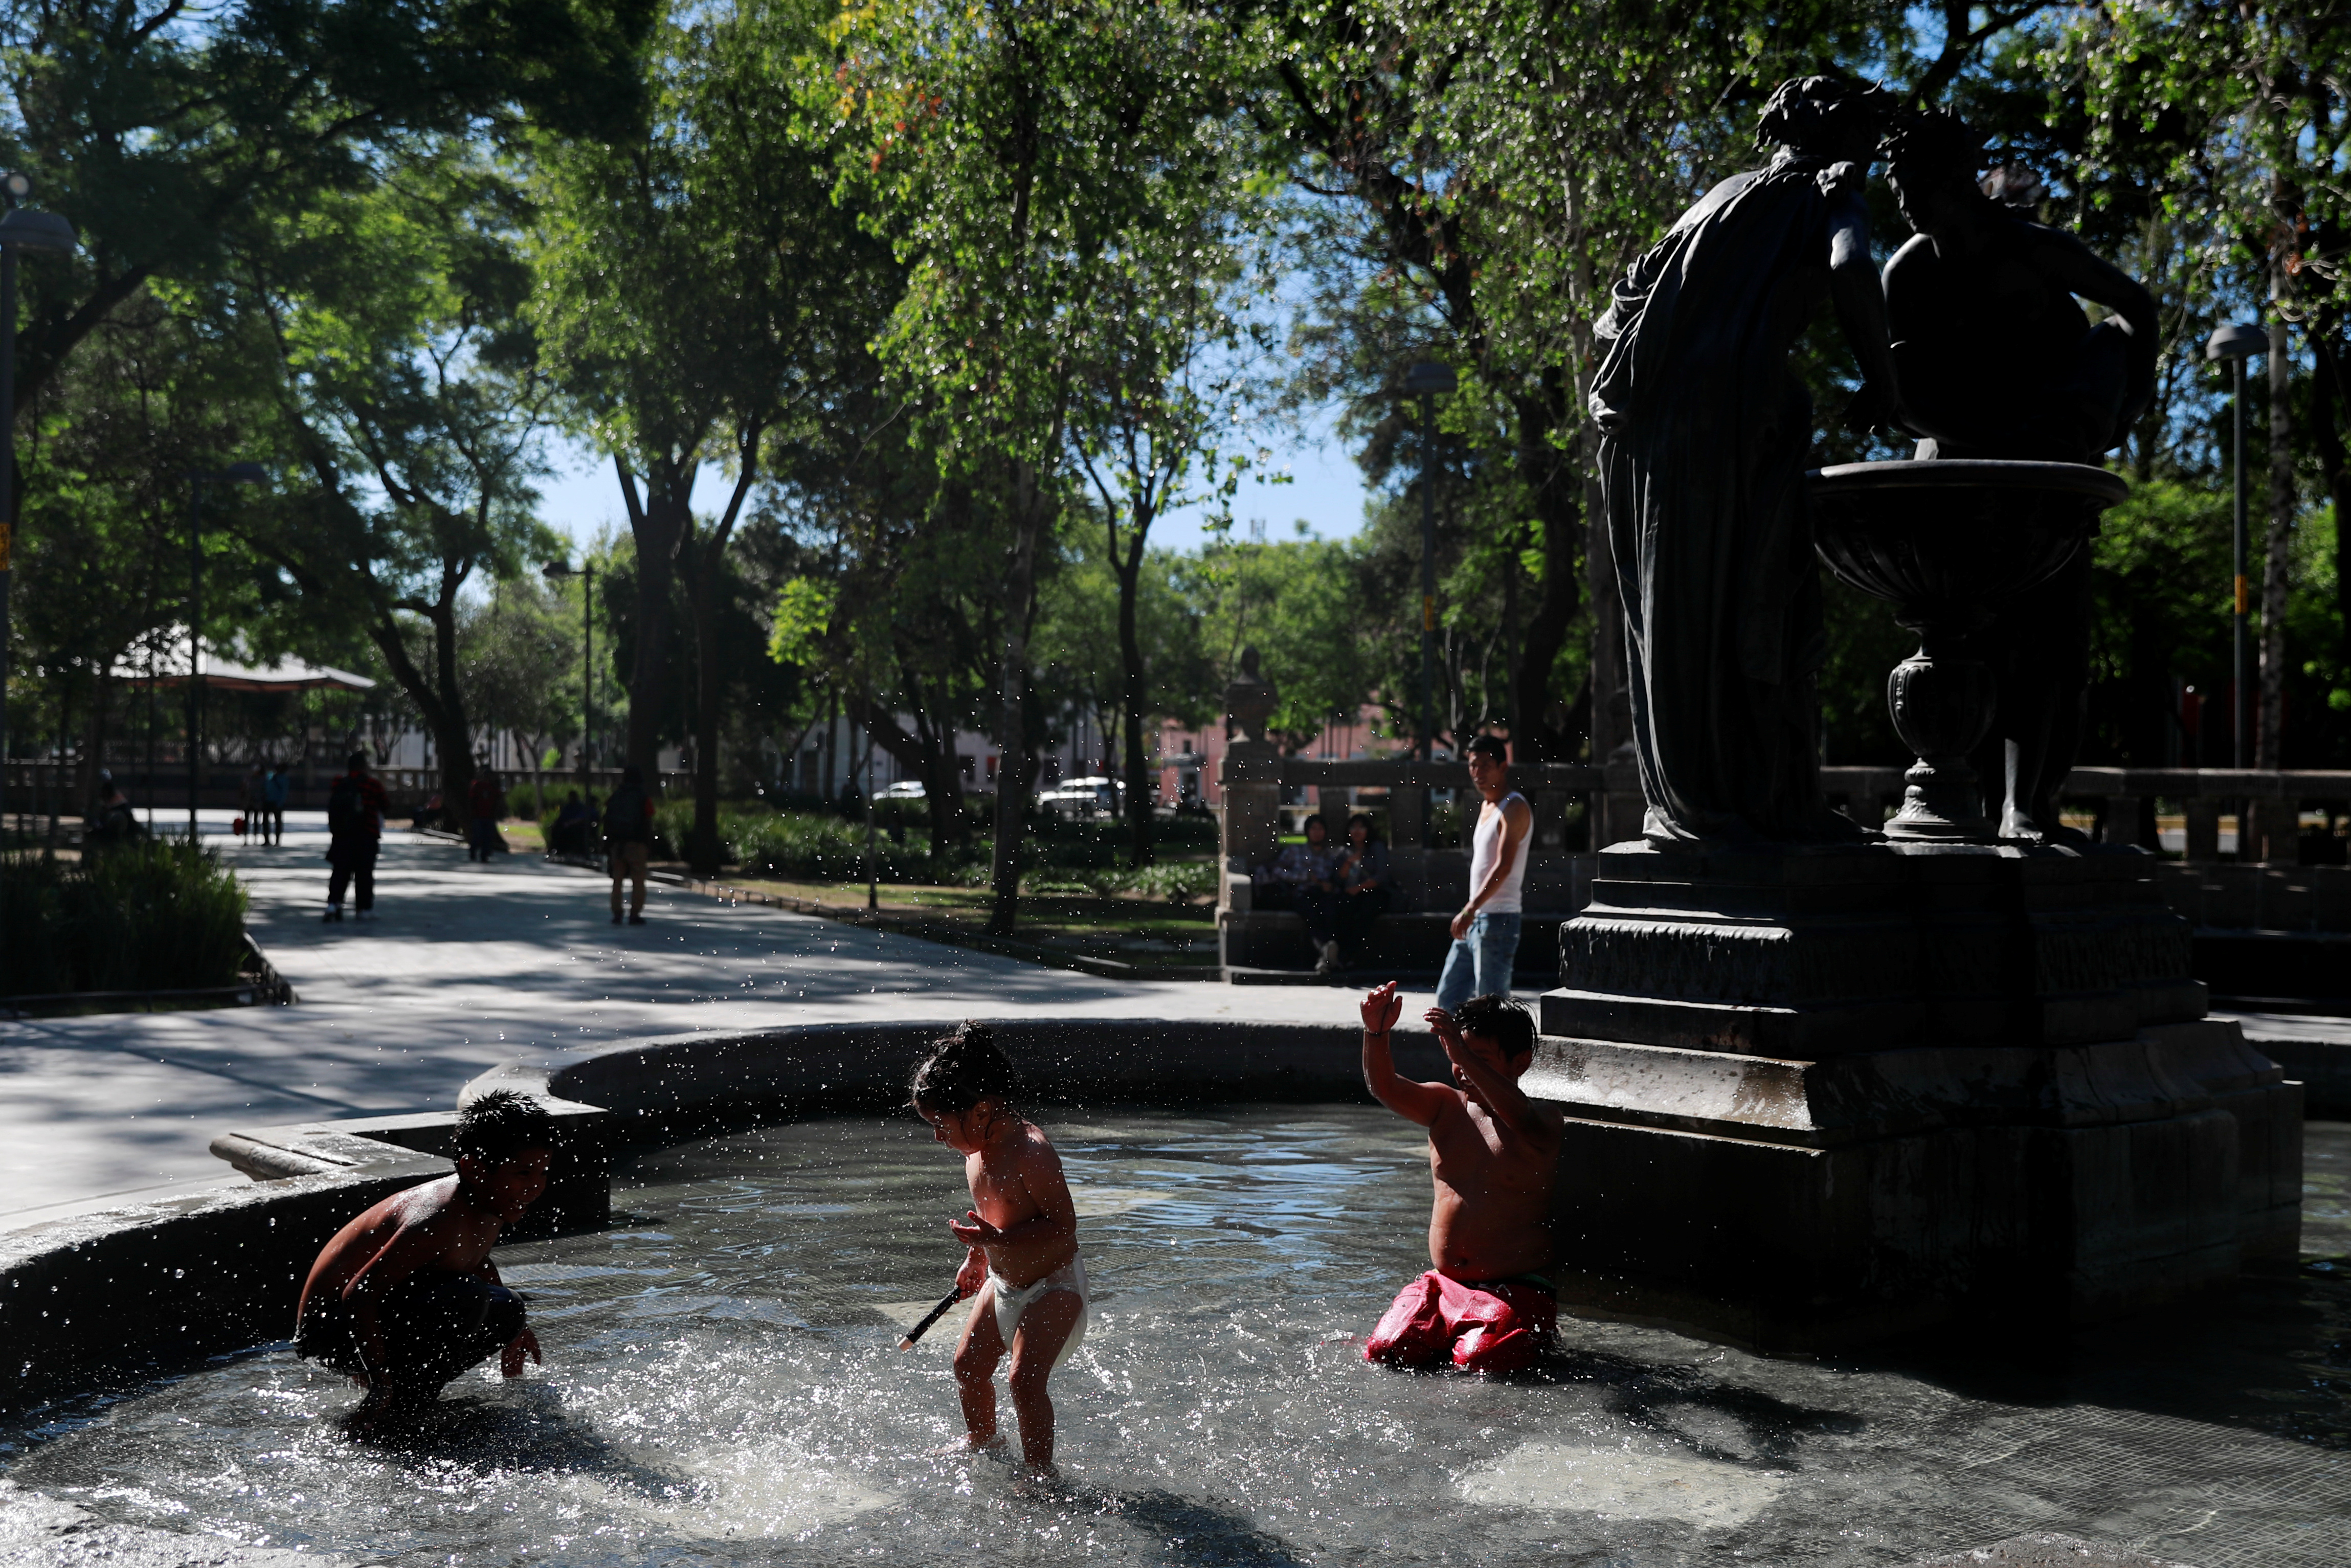 Los niños juegan en una fuente en el Parque Central de la Alameda después de que fue reabierta al público mientras continúa el brote de la enfermedad por coronavirus (COVID-19) en la Ciudad de México, México, 14 de junio de 2020. Foto: Reuters.